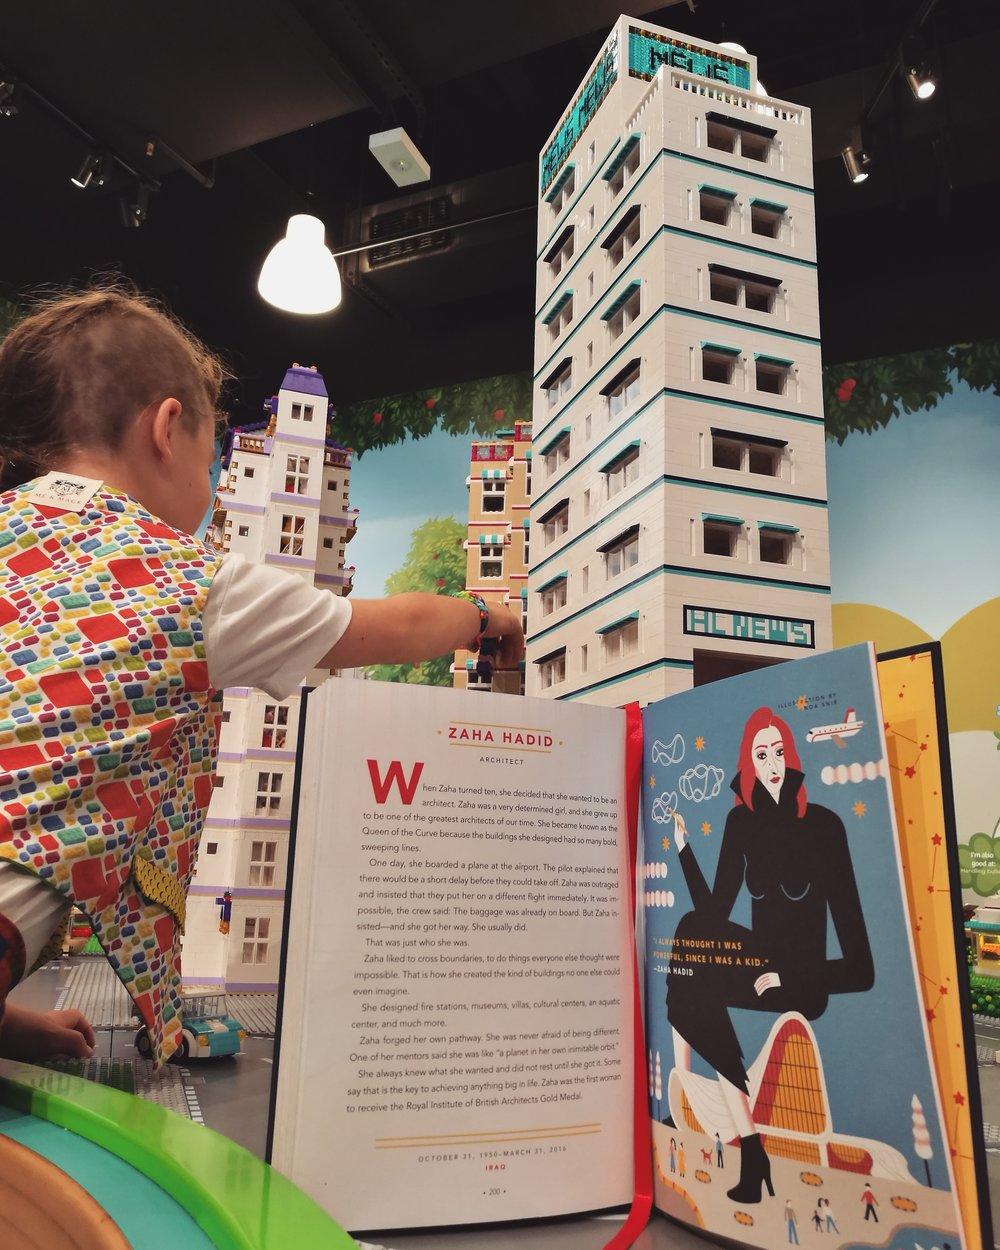 Legoland Discovery Centre, Zara Hadid